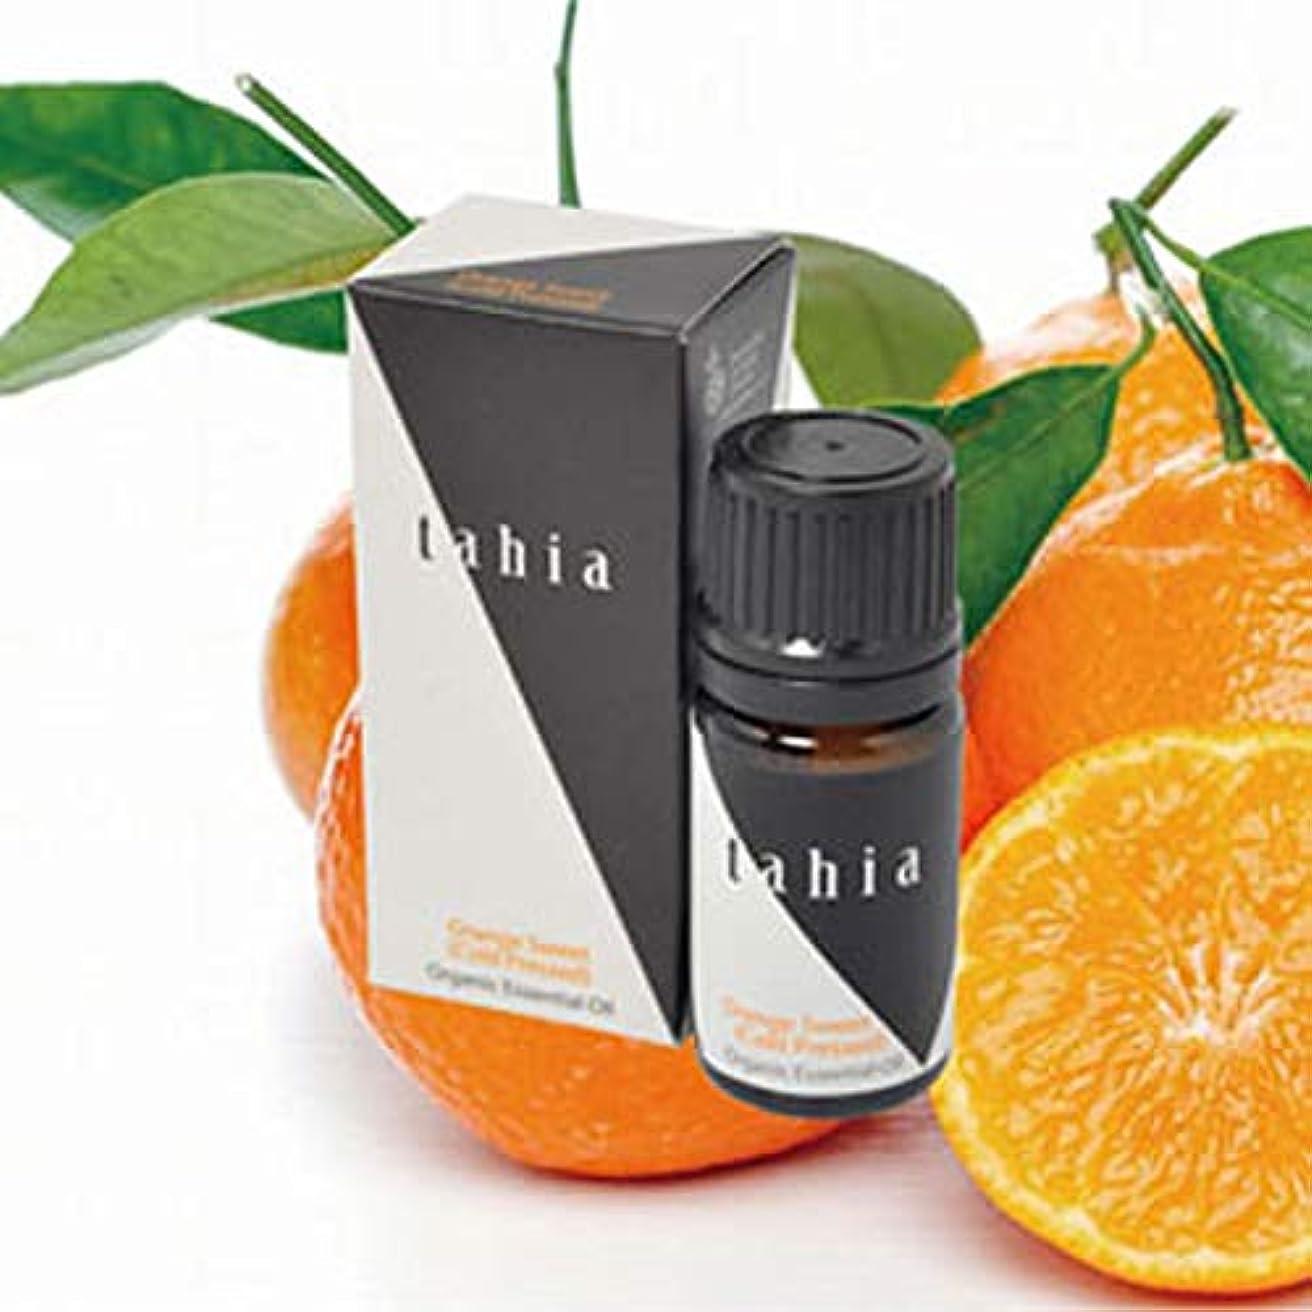 宗教的な泥だらけフィドルタツフト タヒア tahia オレンジ スイート エッセンシャルオイル オーガニック 芳香 精油